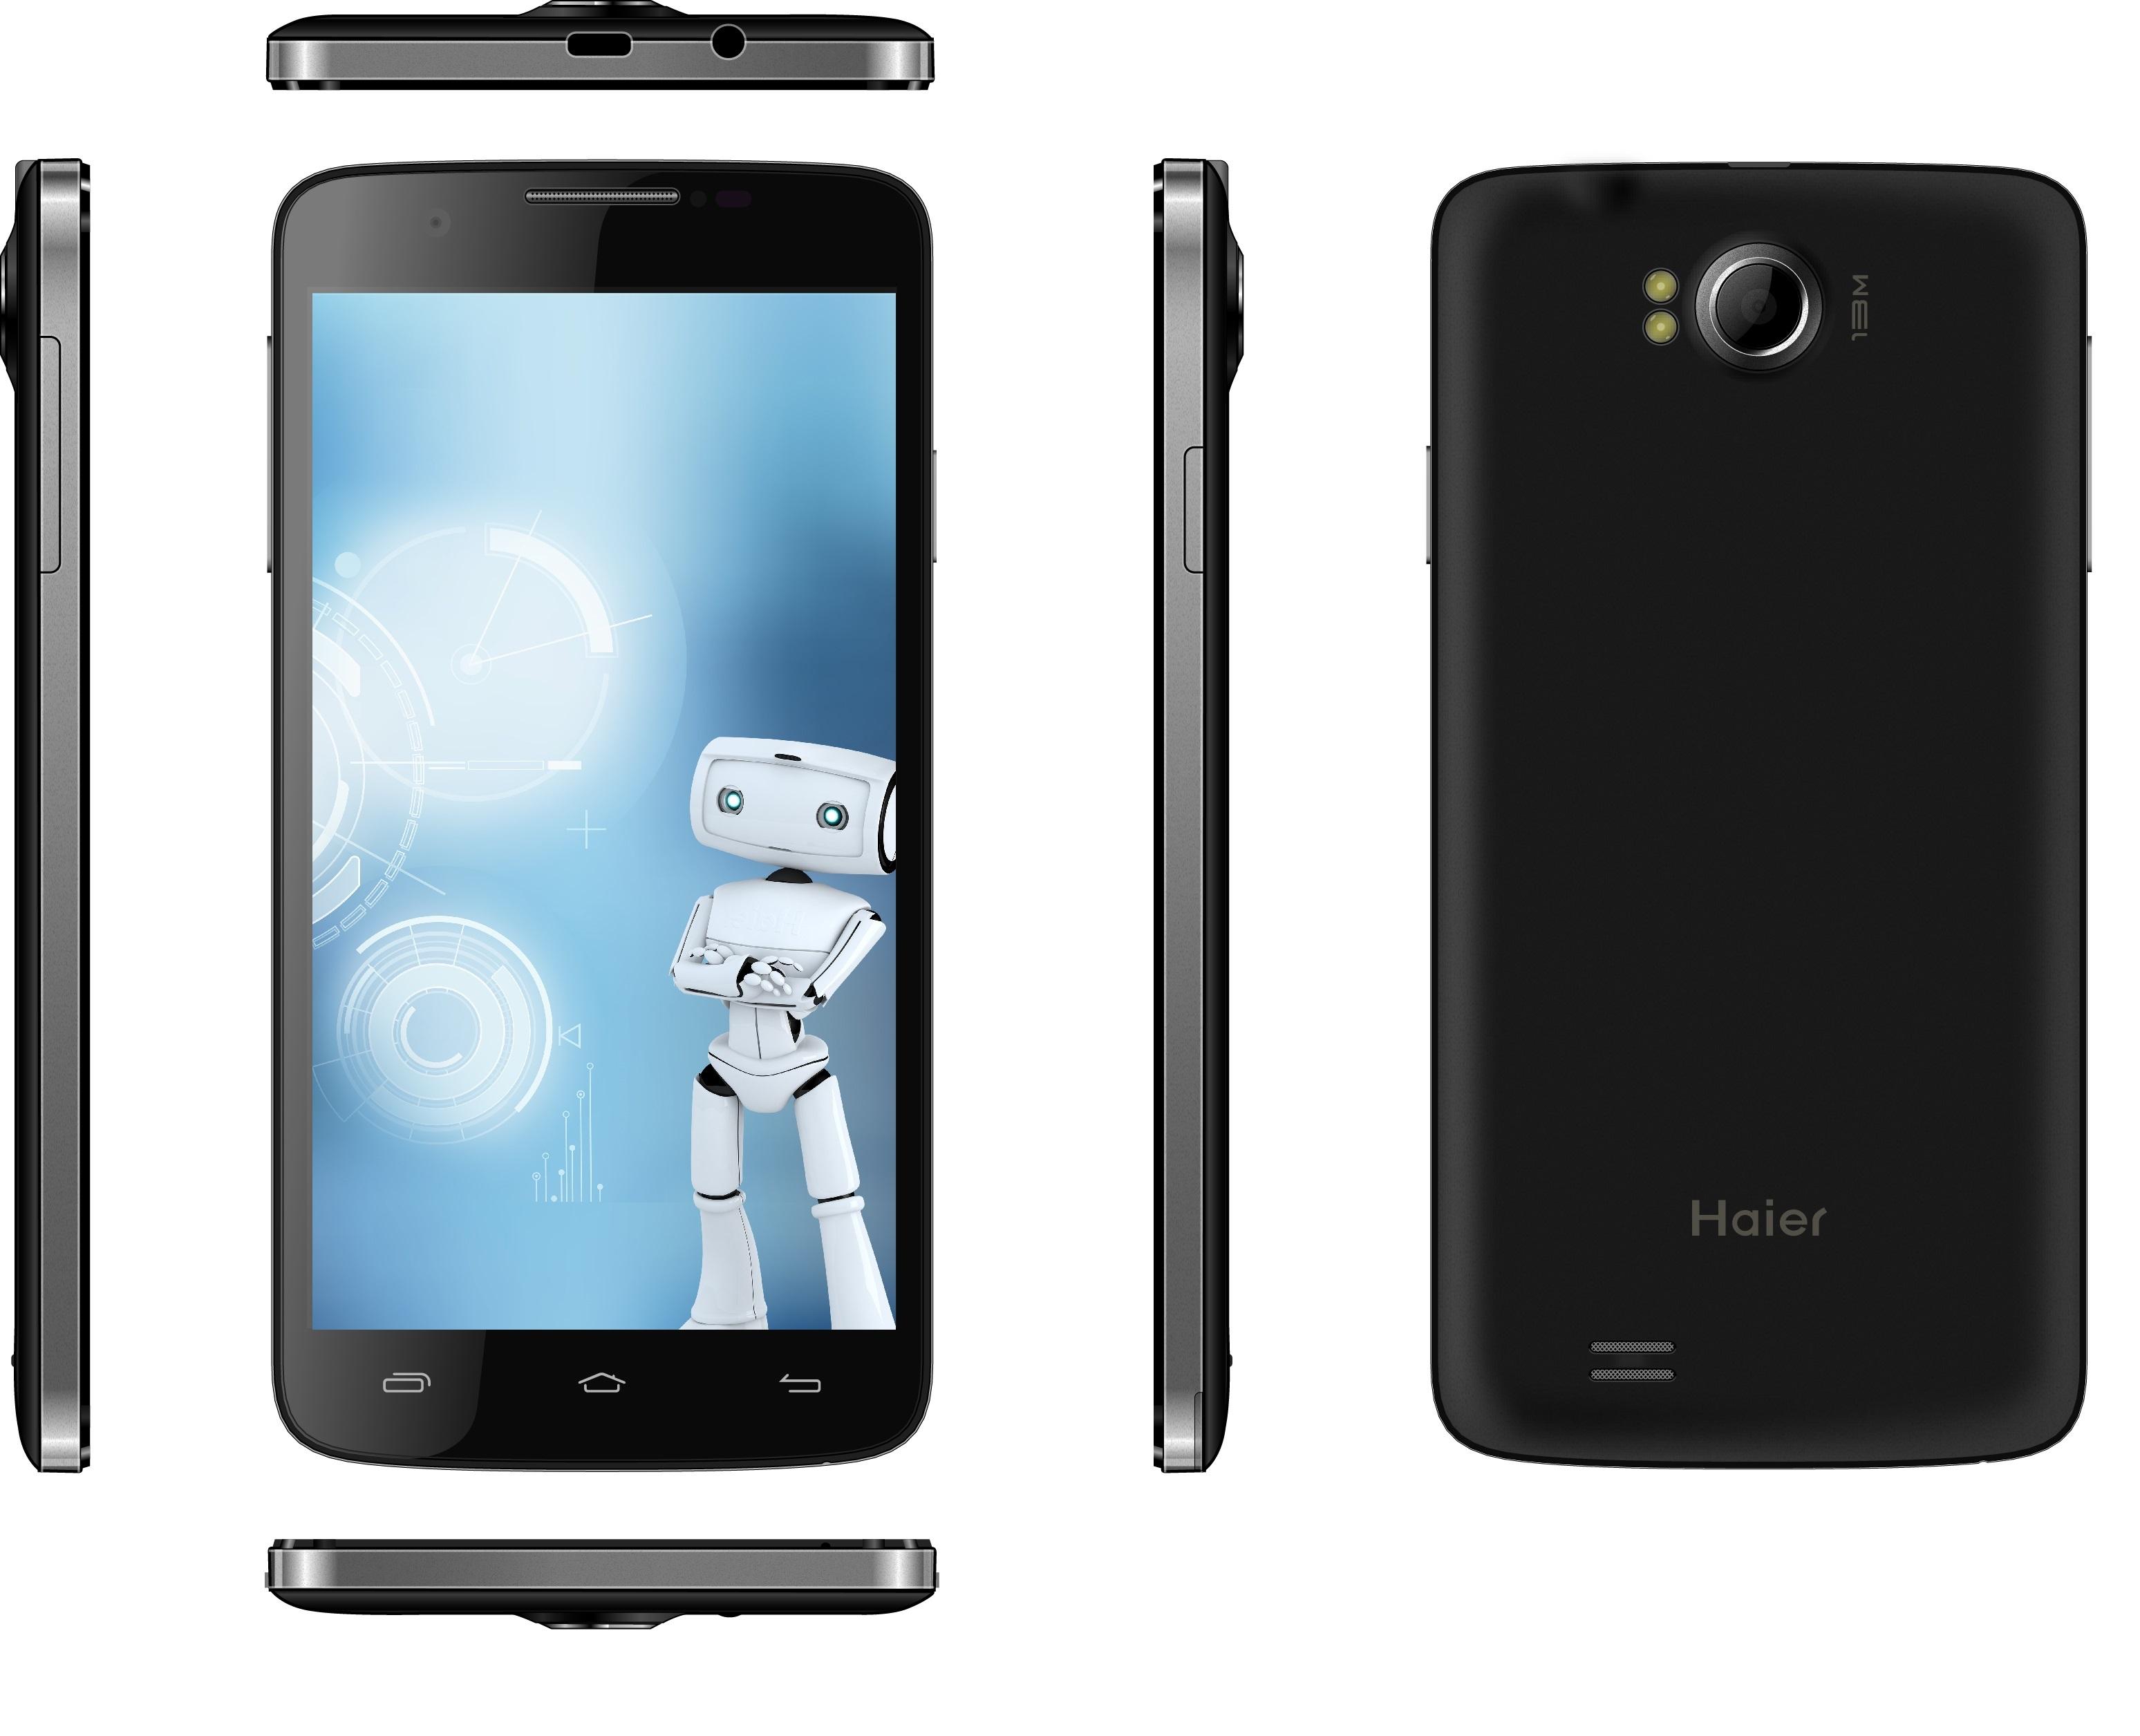 IFA 2013 : Haier présente 6 smartphones et un routeur 3 G